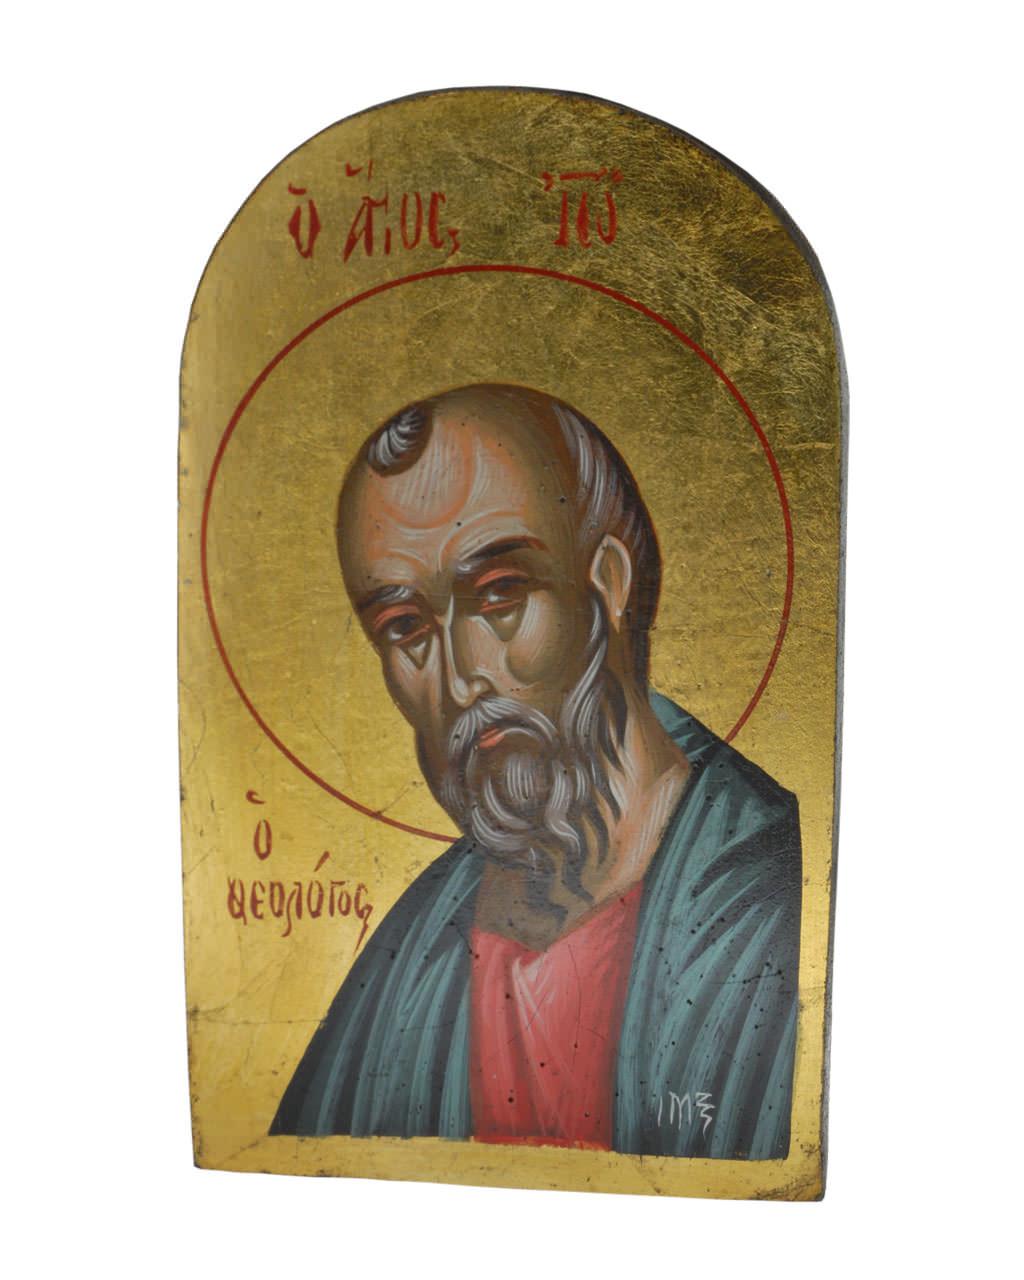 Αγιογραφία με τον Άγιο Ιωάννη το Θεολόγο DE01579